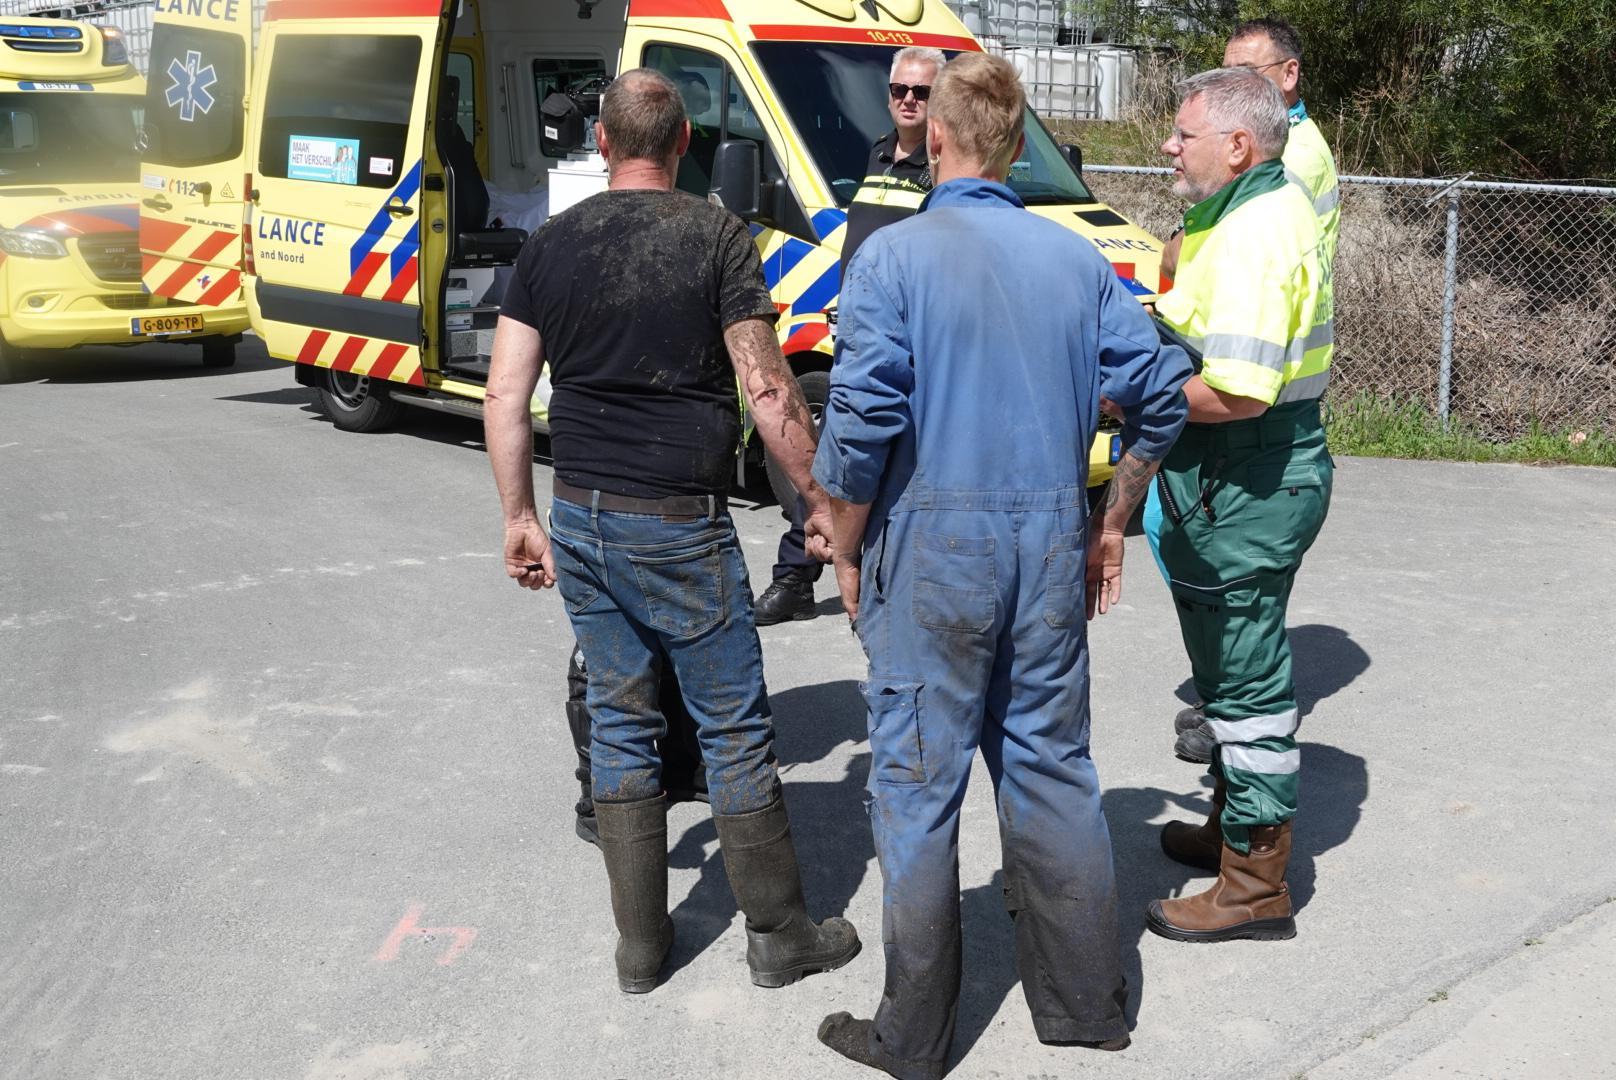 'Bedwelmd door de stank van rotte eieren en ammoniak'; varkensstront stroomt bij Van der Stelt uit silo door defect